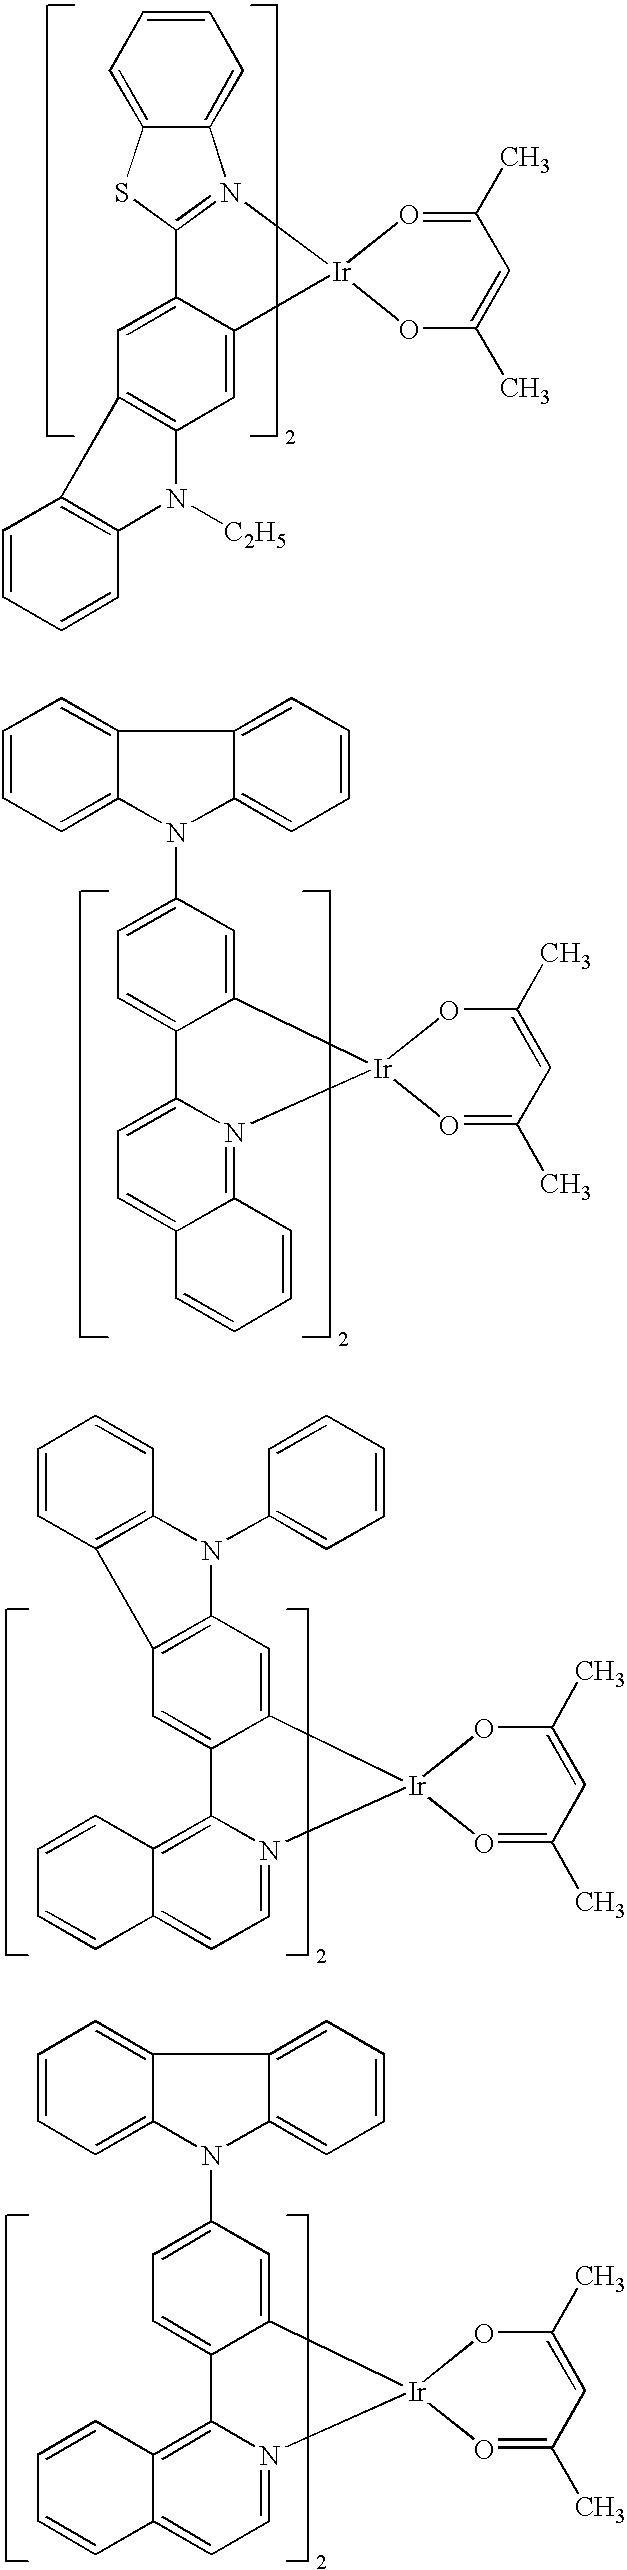 Figure US20060186796A1-20060824-C00082